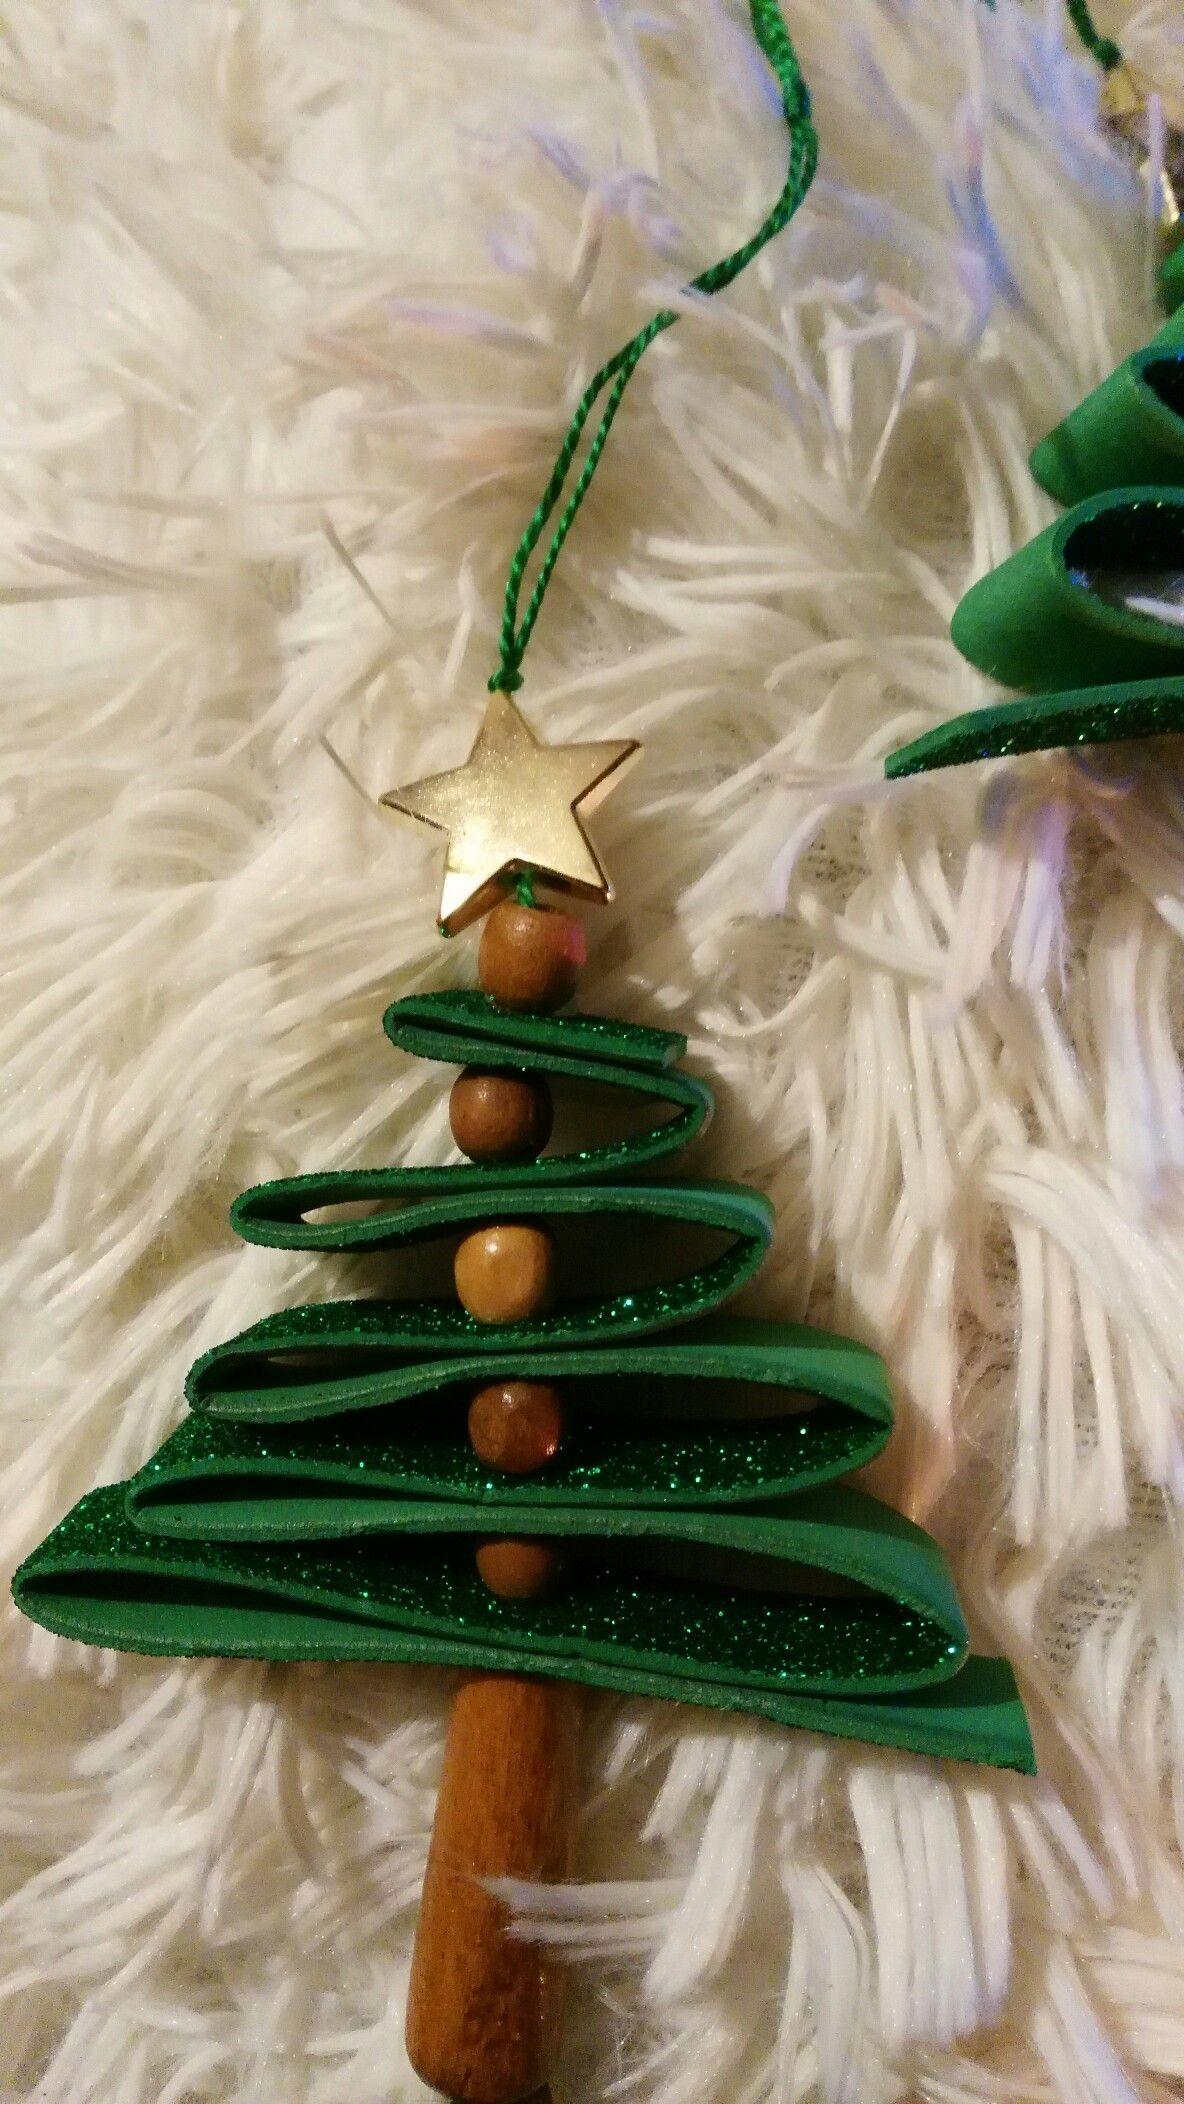 Lavoretti Di Natale Handmade.Alberello Di Natale Gomma Eva Gomma Crepla Handmade Natale E Fai